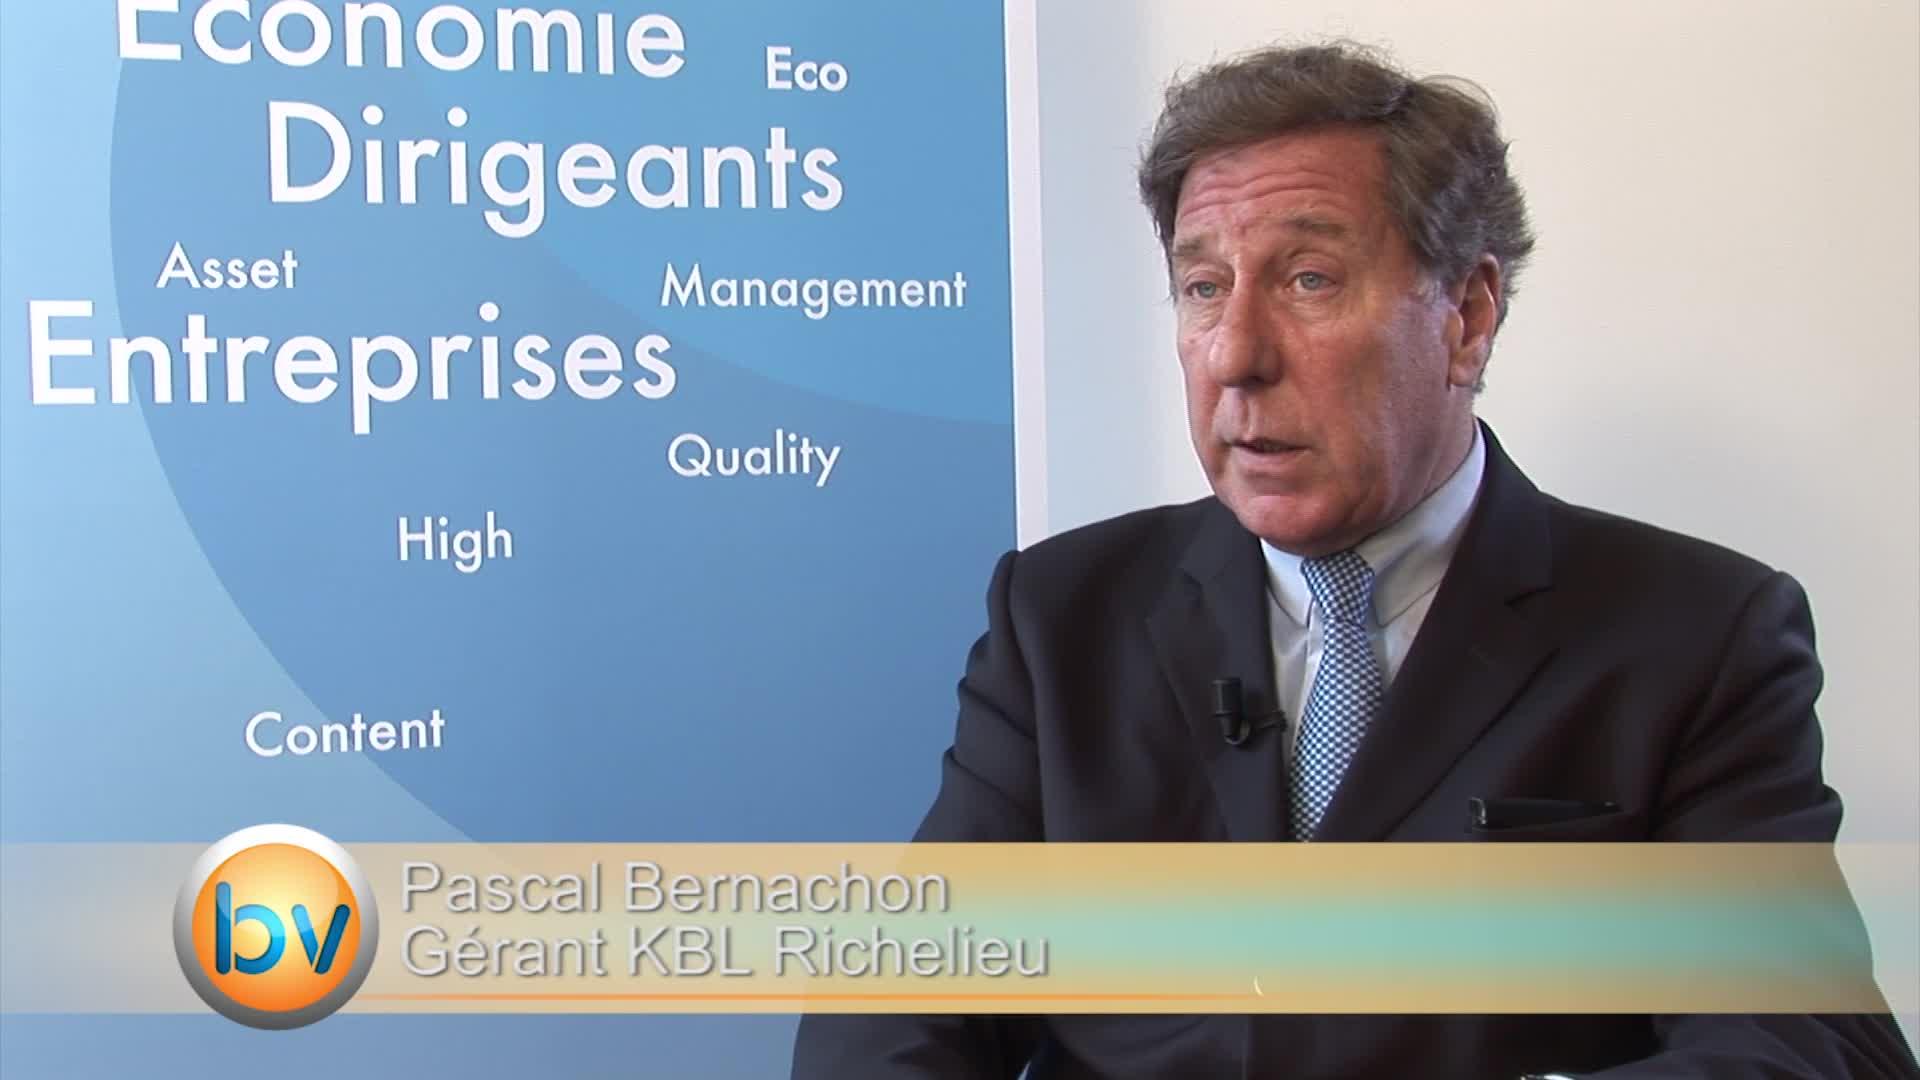 Pascal Bernachon Gérant KBL Richelieu : «La chasse au rendement sera un moteur de l'investissement»